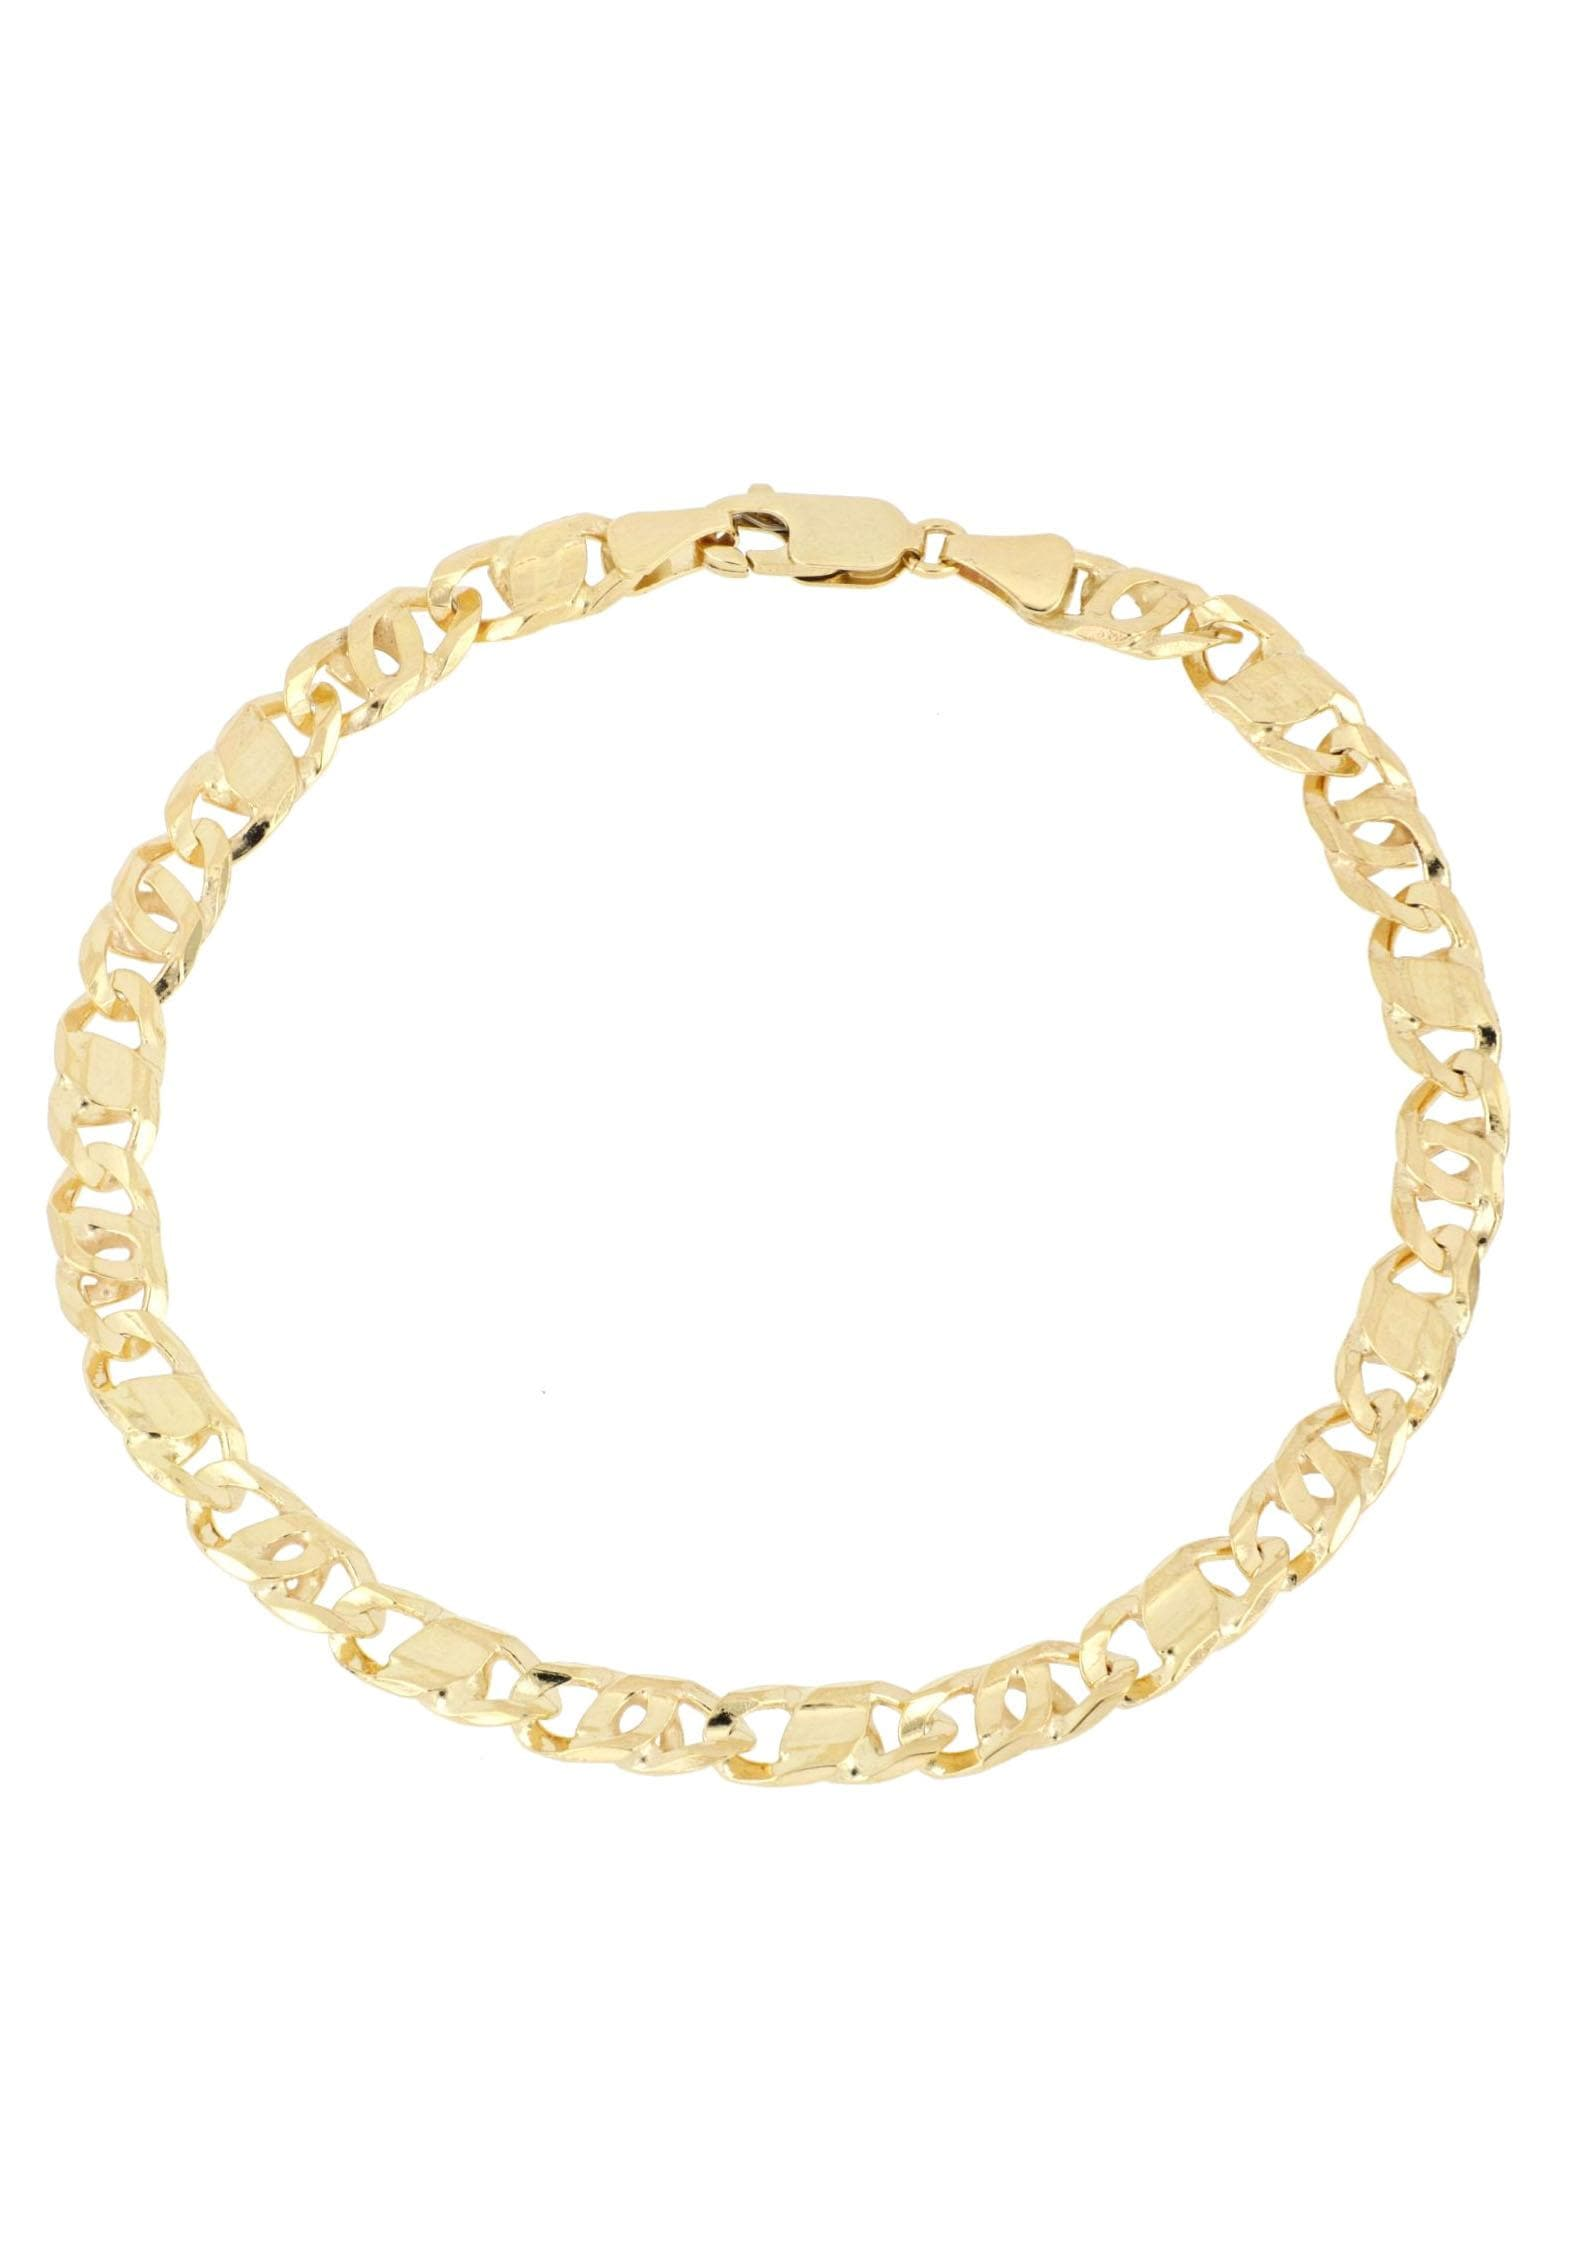 Firetti Goldarmband Achter-Rebhuhn-Plättchenkettengliederung, 5,5 mm breit, 6-fach diamantiert, konkav